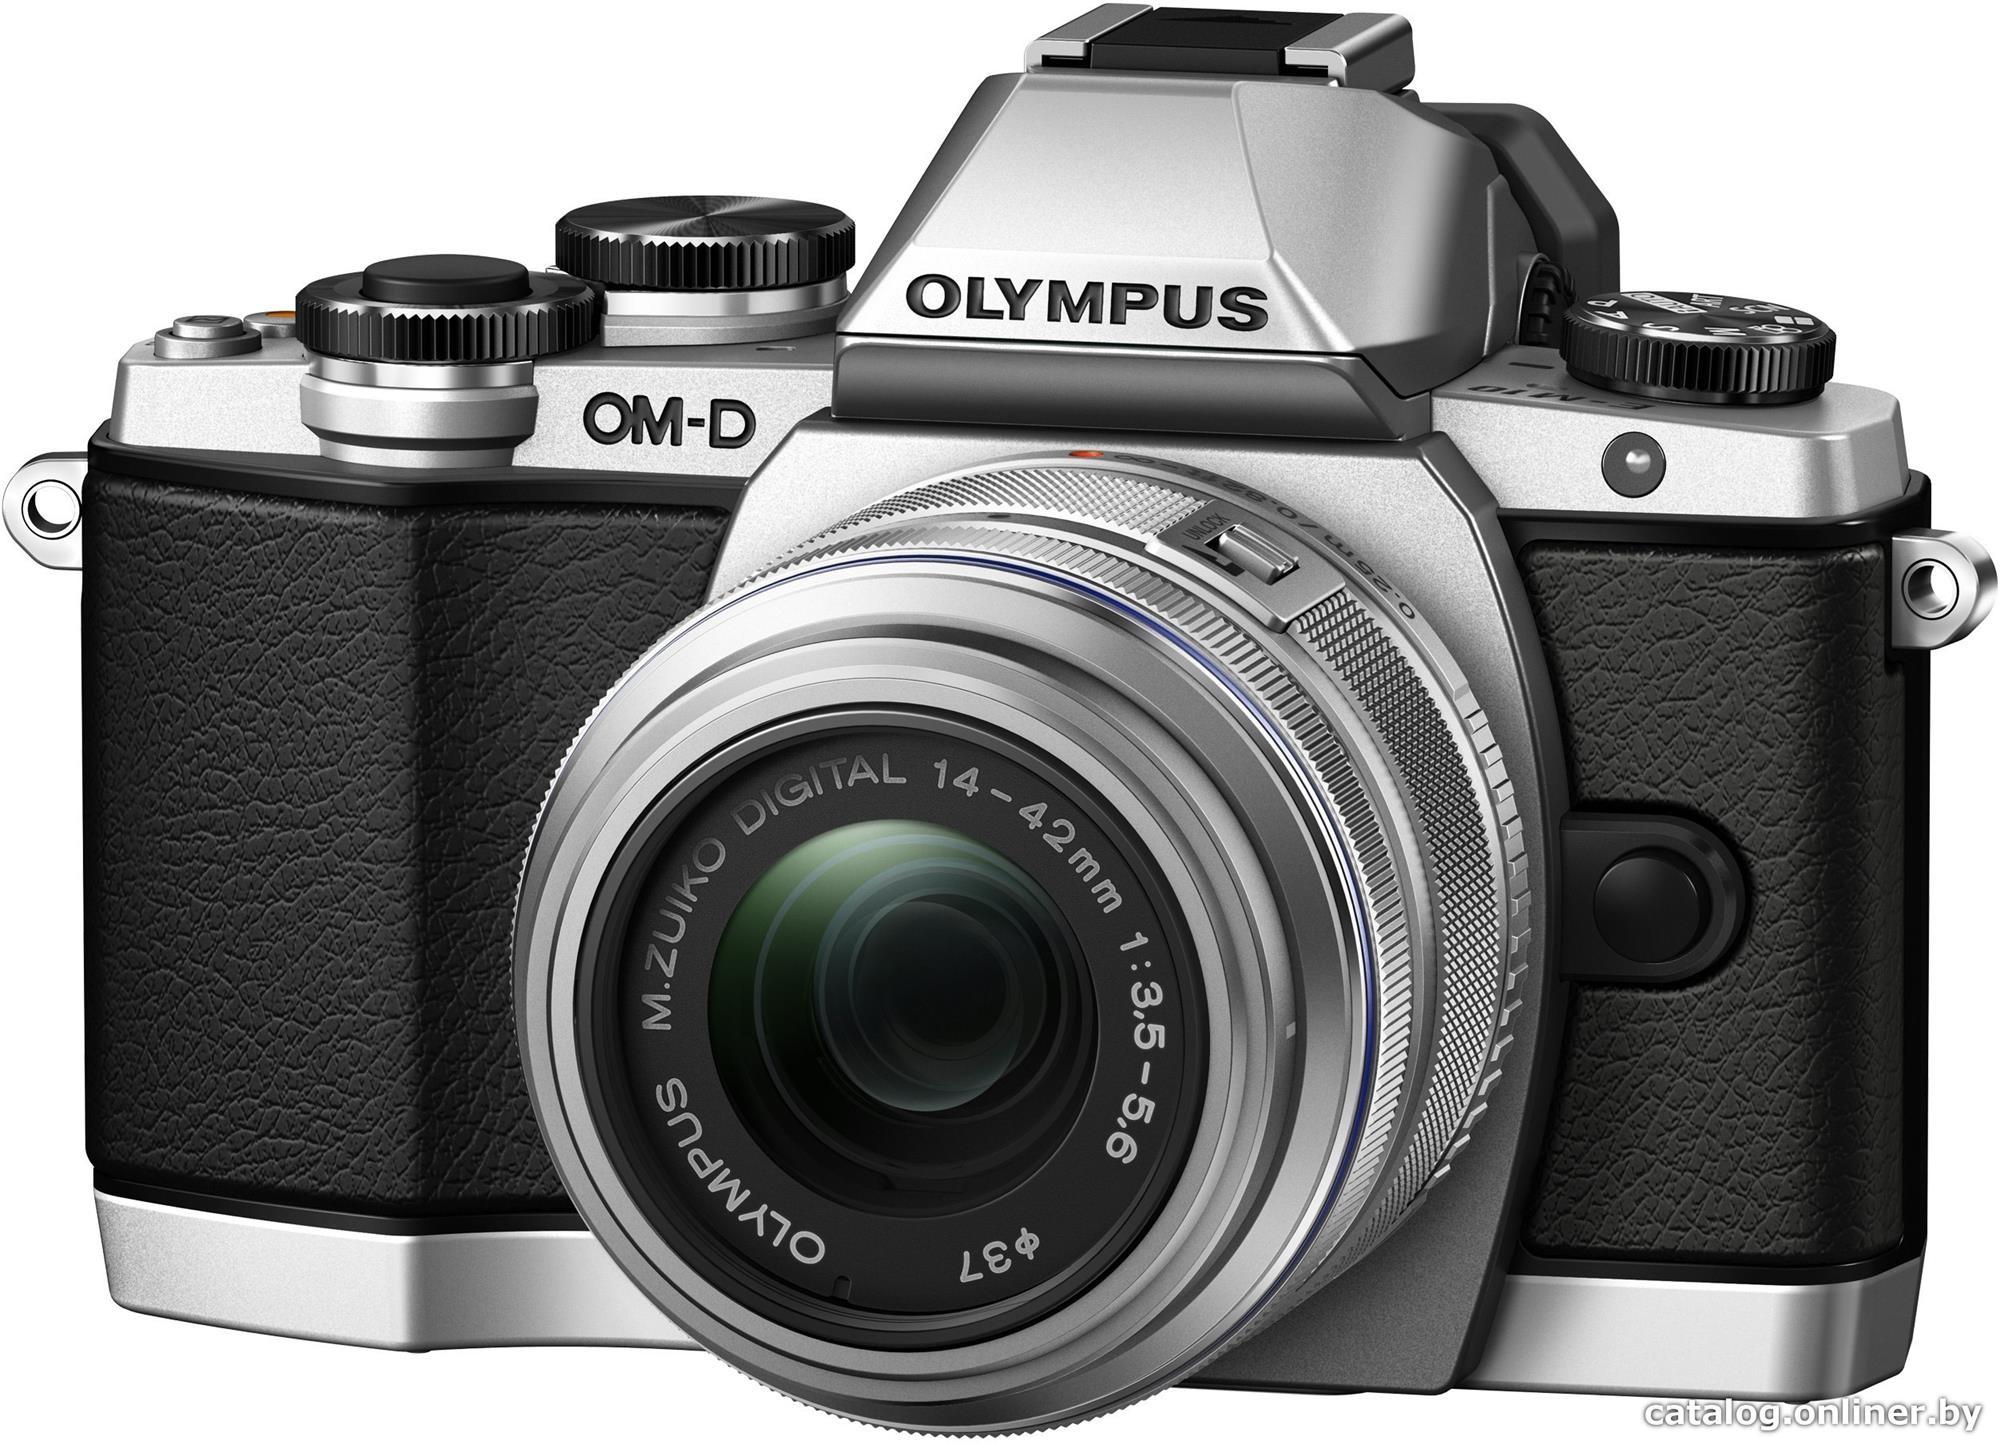 Olympus OM-D E-M10 Mark II + 14-42mm srebrny (V207052SE000)